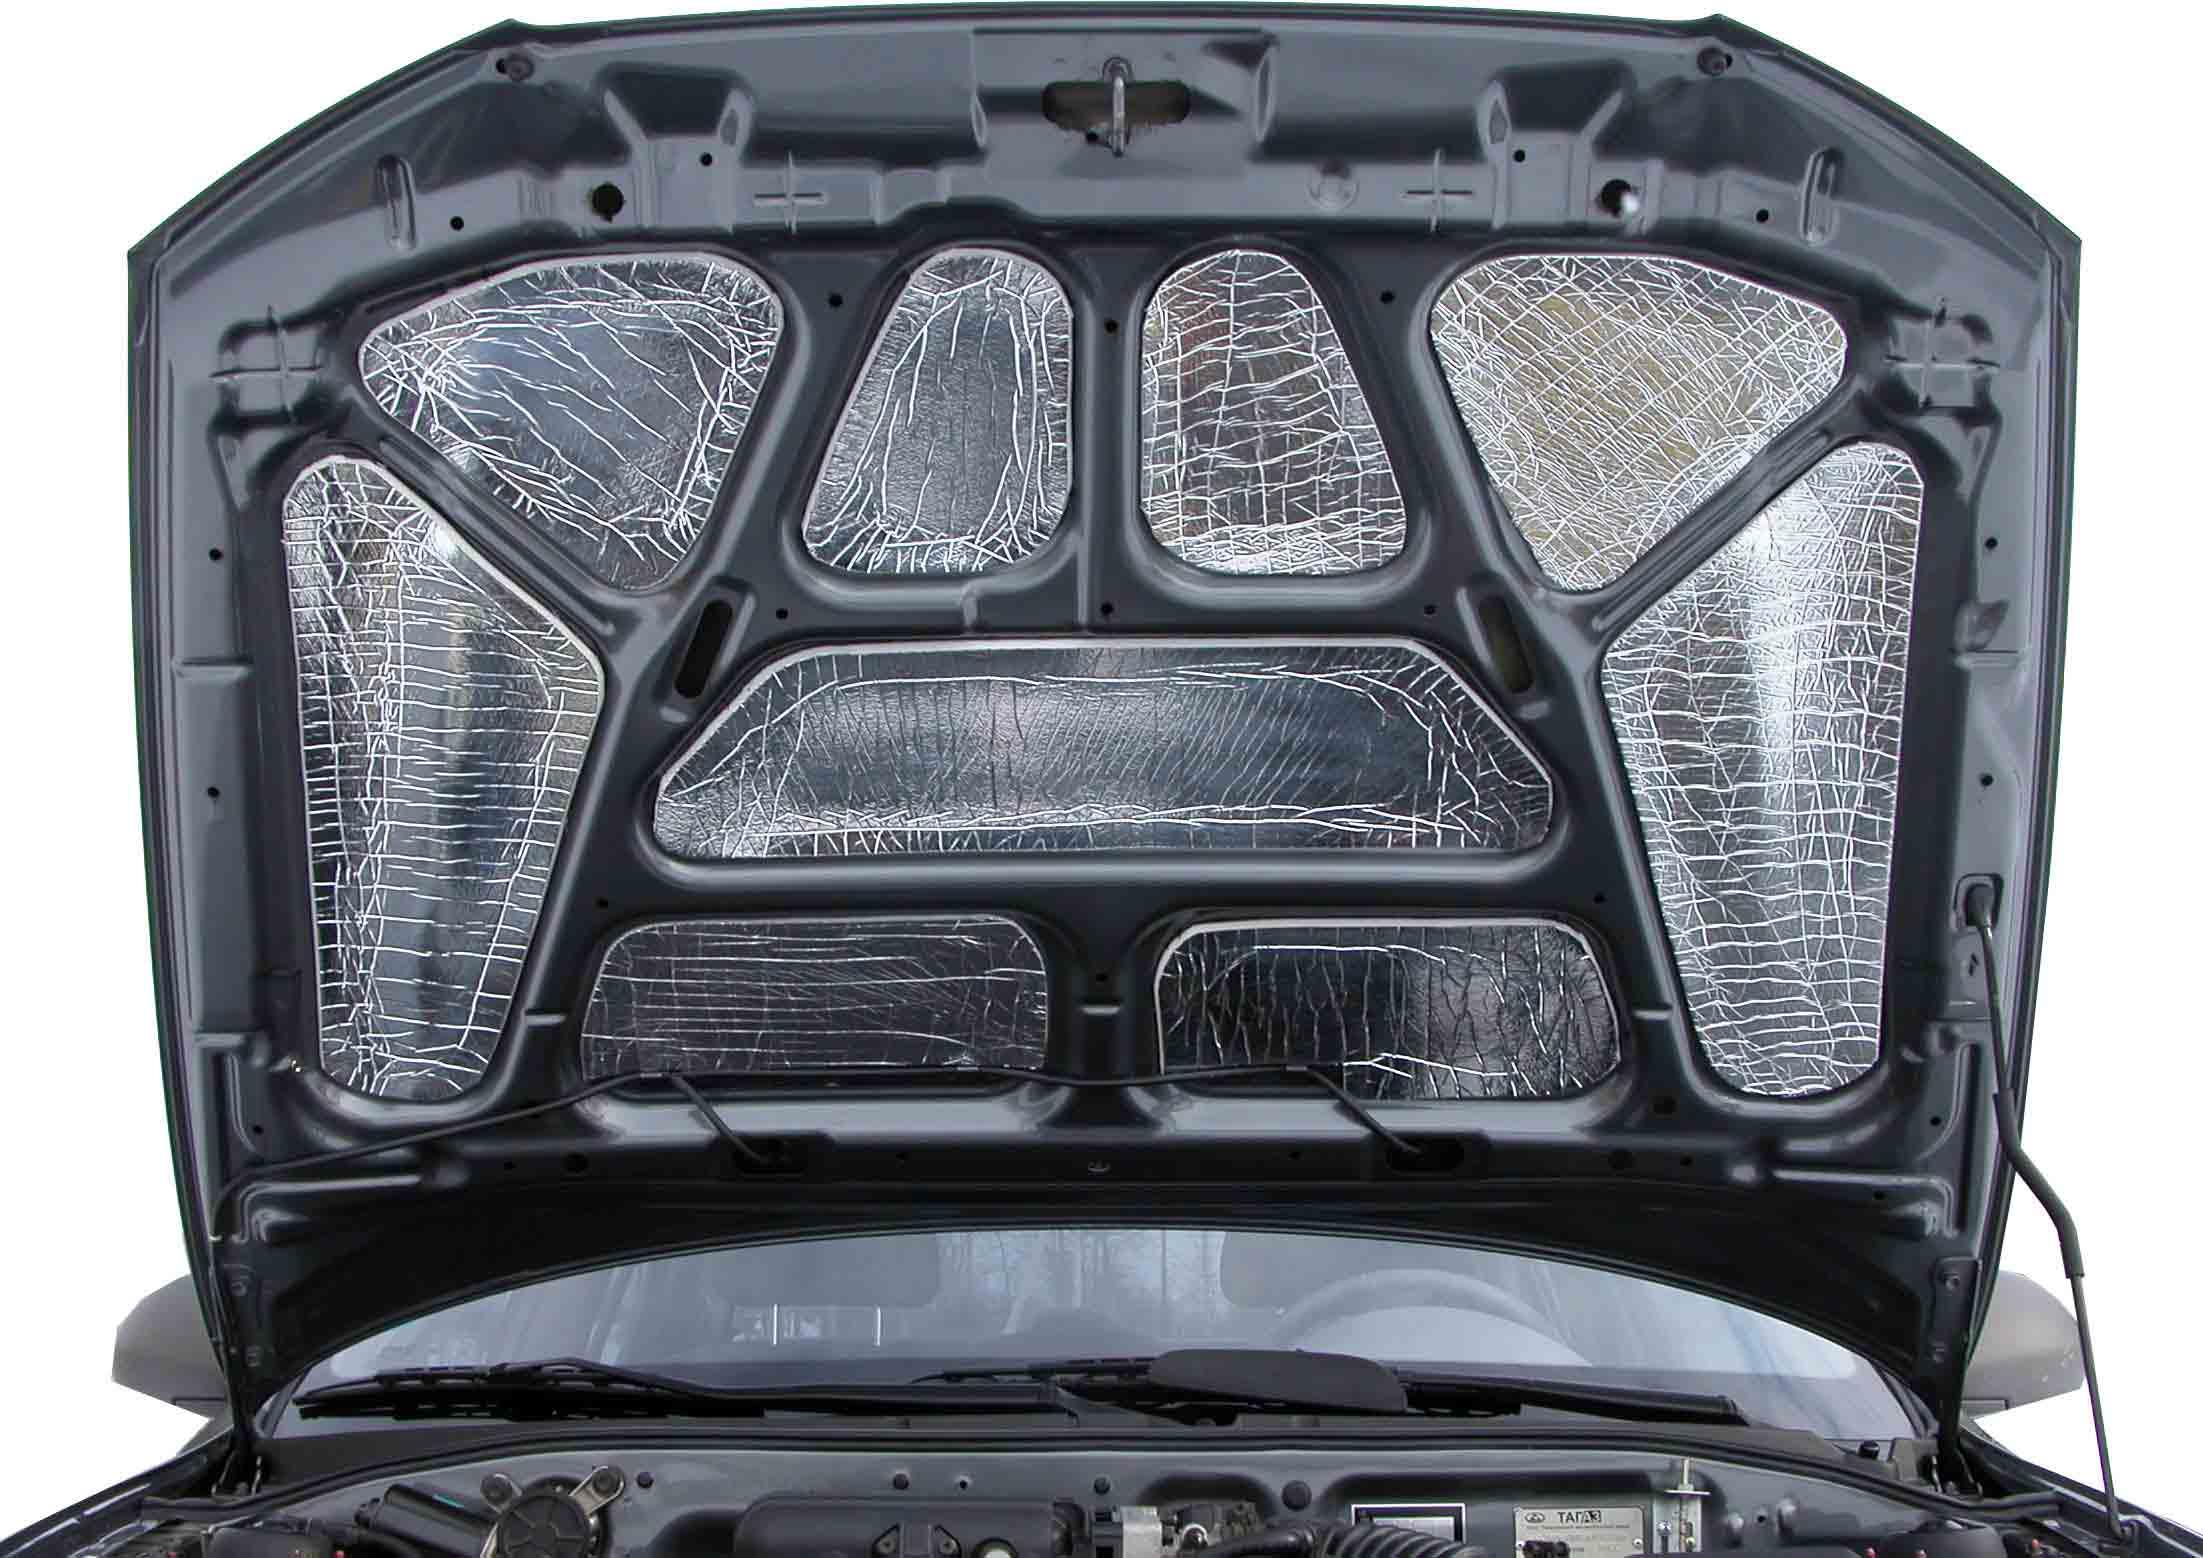 Как выбрать материал для шумоизоляции капота авто, рейтинг лучших звукоизолирующих материалов